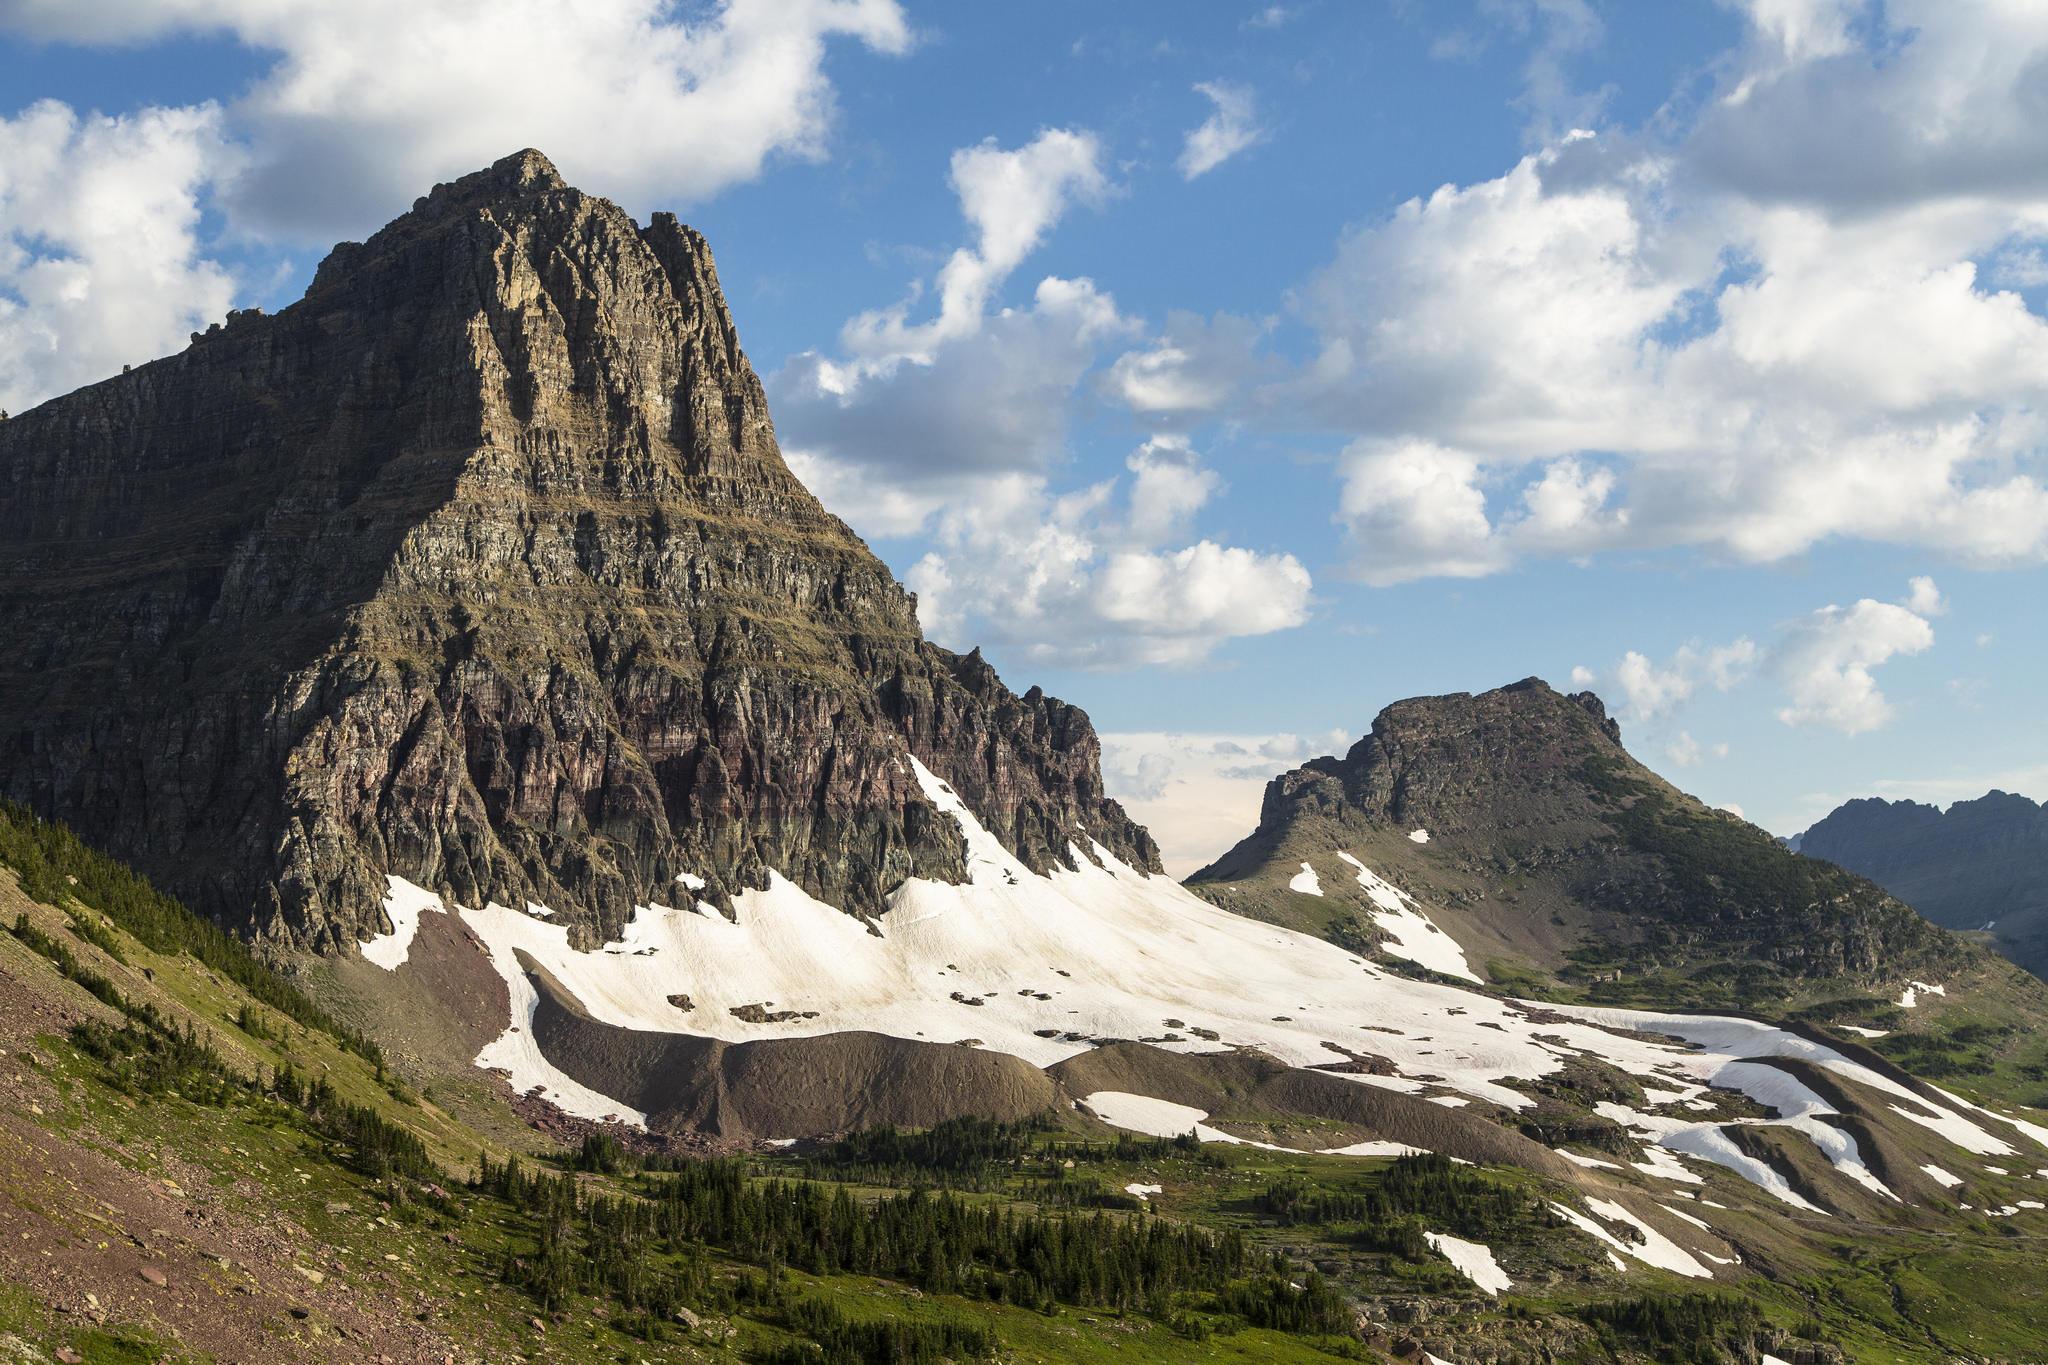 46899a4a493 Fall construction season has begun in Glacier National Park.